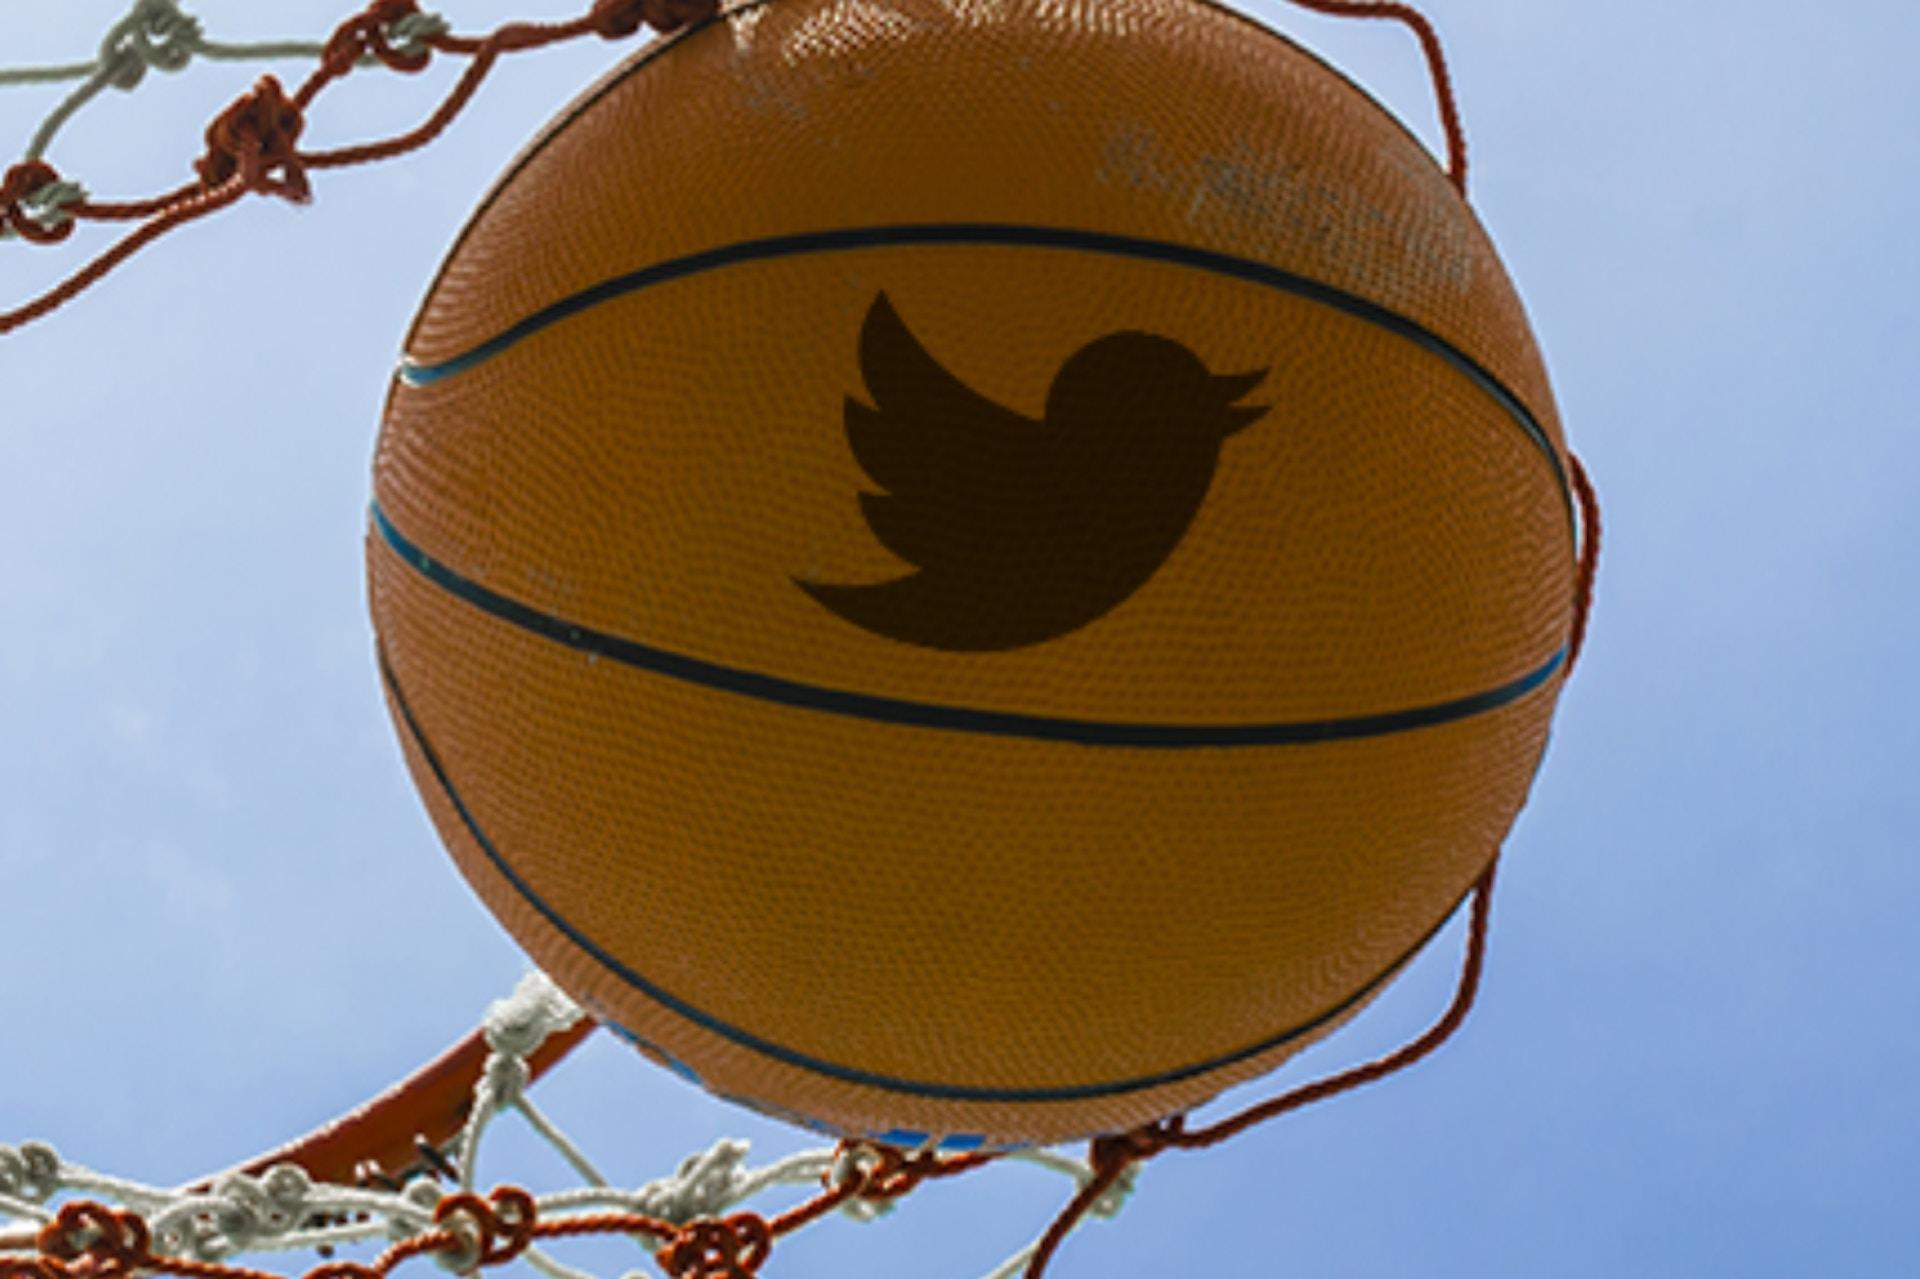 5 nba teams on social media